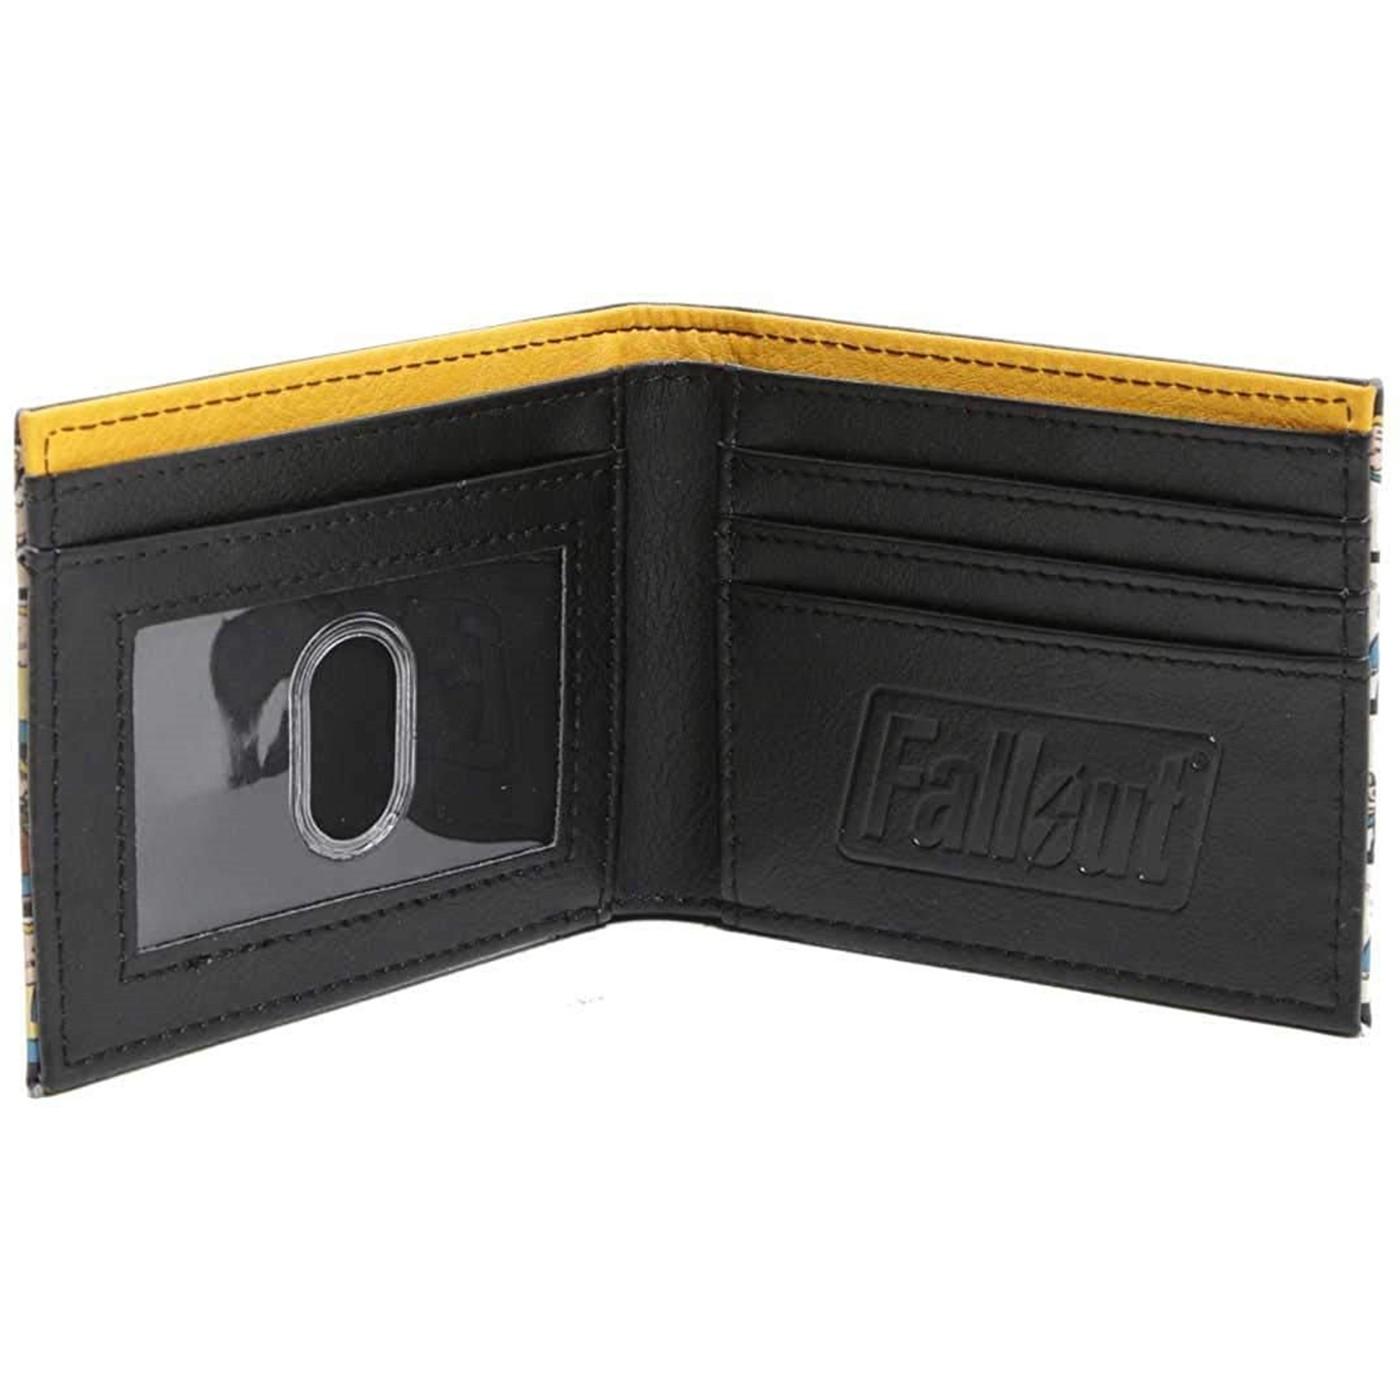 Fallout Boy Vault Tec Grid Wallet